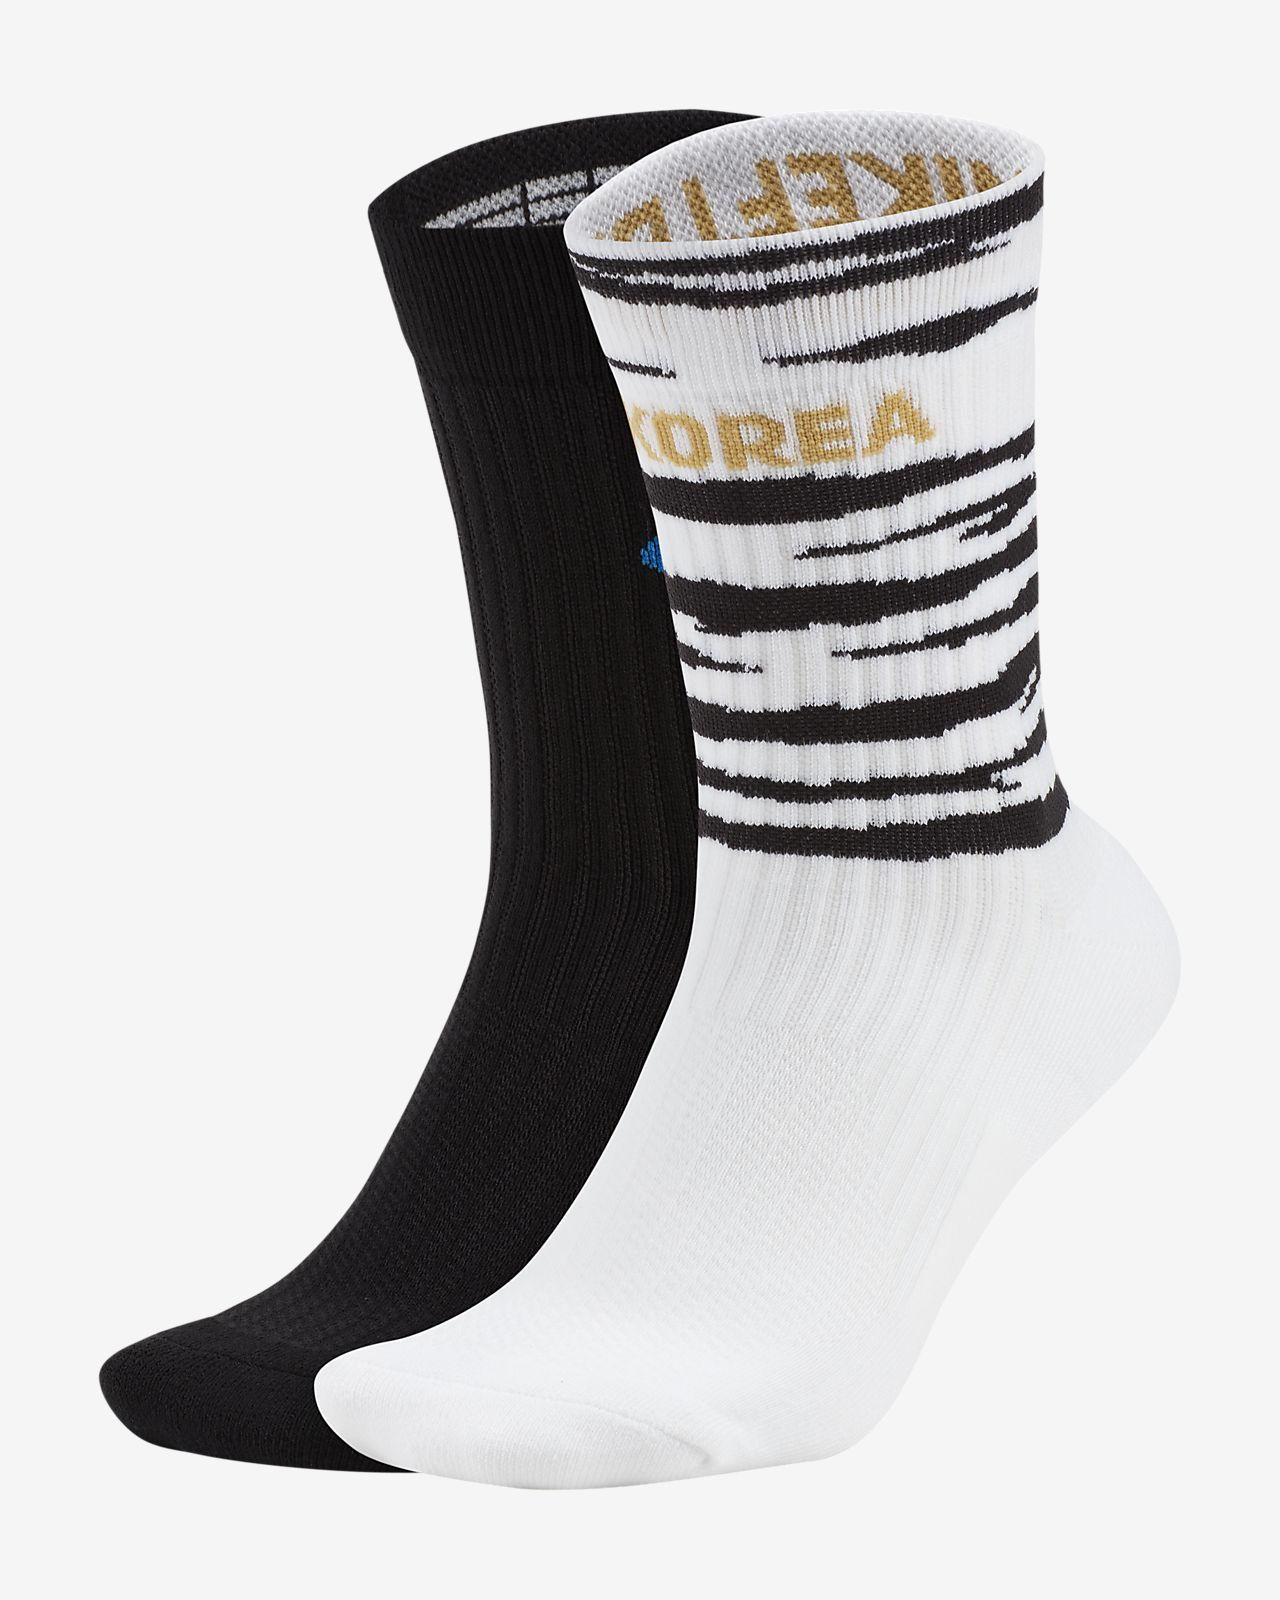 Chaussettes de football mi-mollet Corée SNEAKR Sox Shox (2 paires)